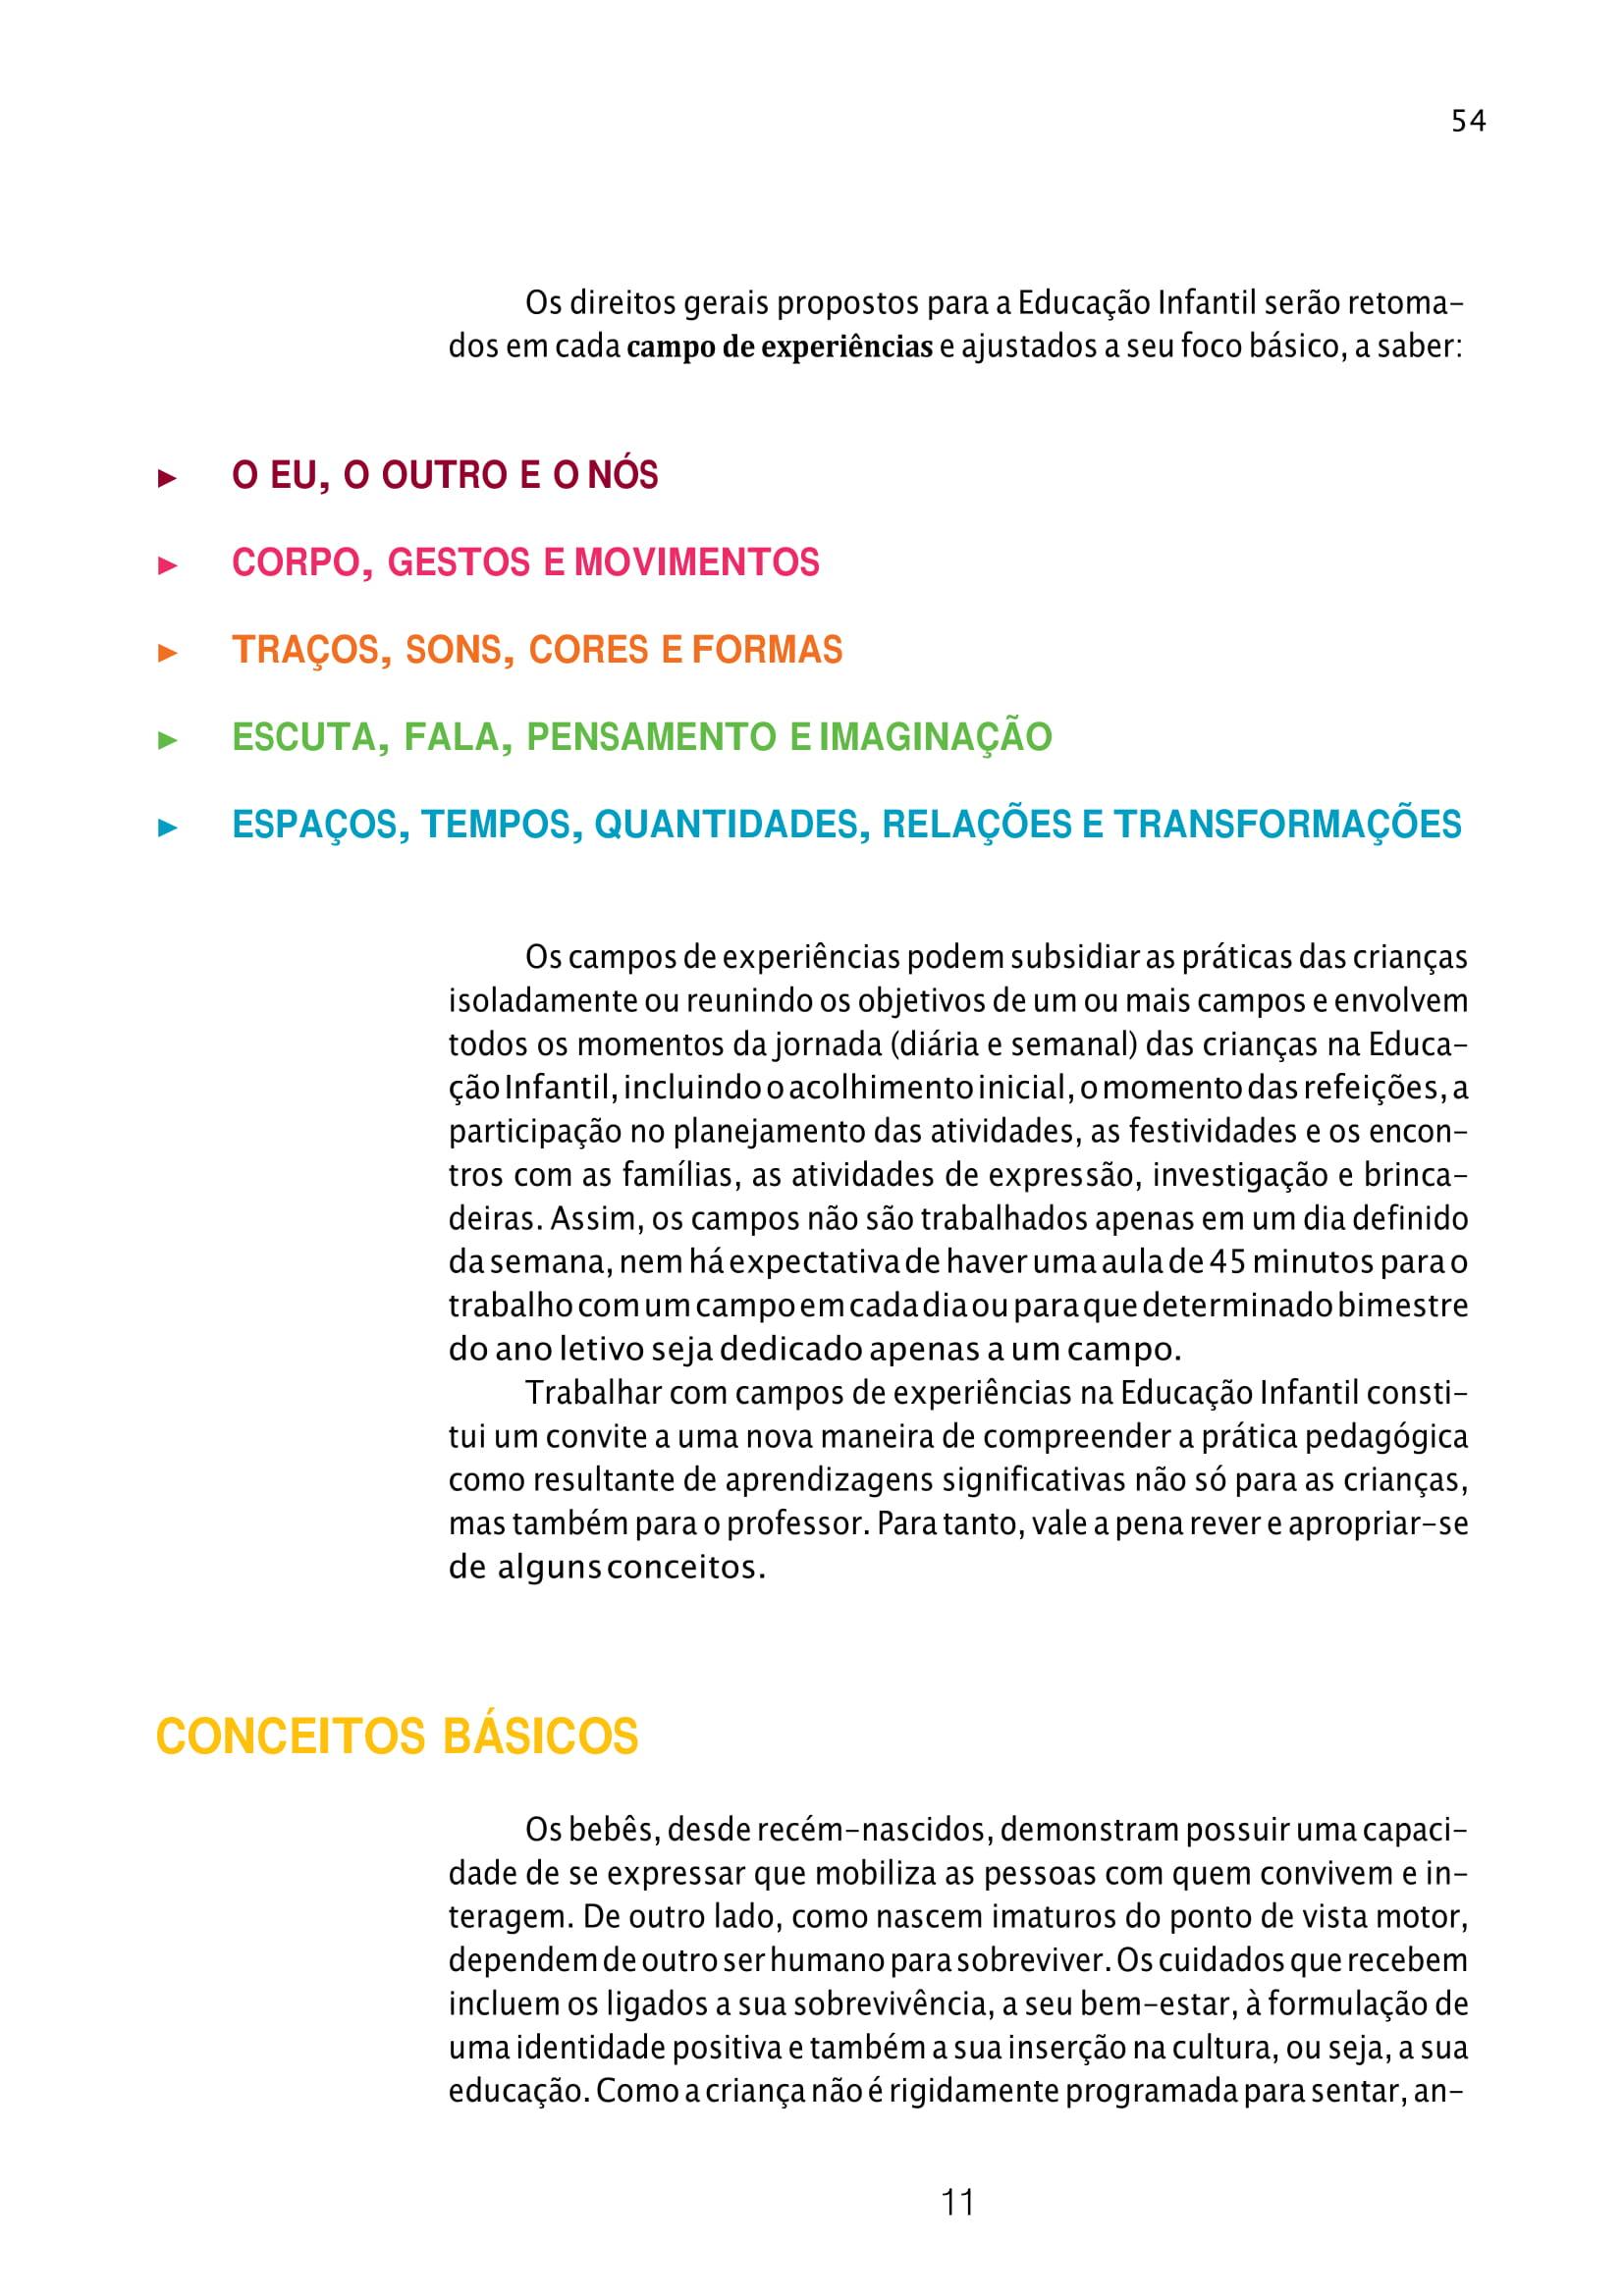 planejamento-educação-infantil-bncc-geral-84